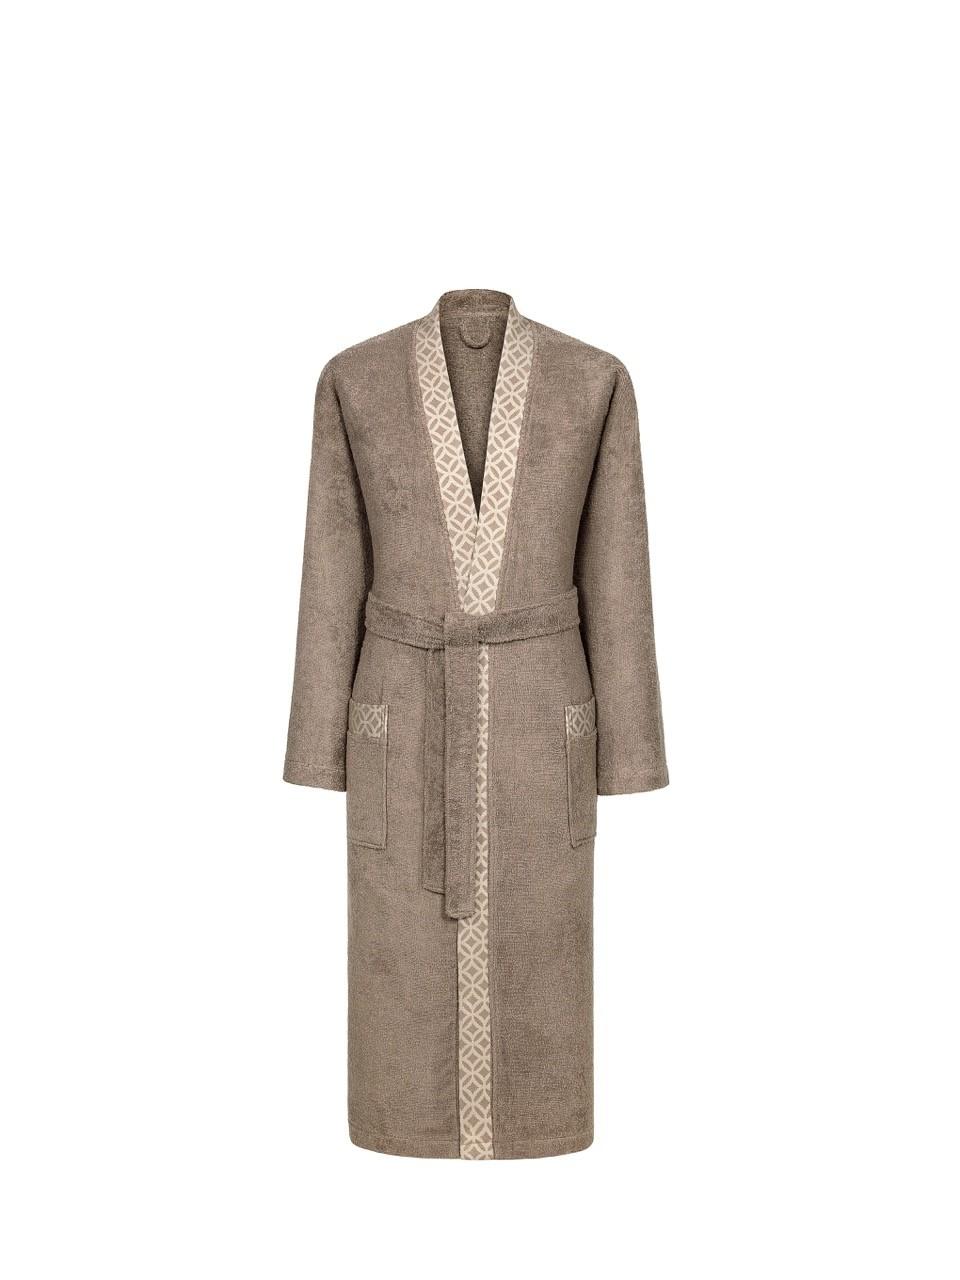 Сауны, бани и оборудование CLASSIC by T Халат Милан Цвет: Коричневый (M) купить шелковый халат мужской спб